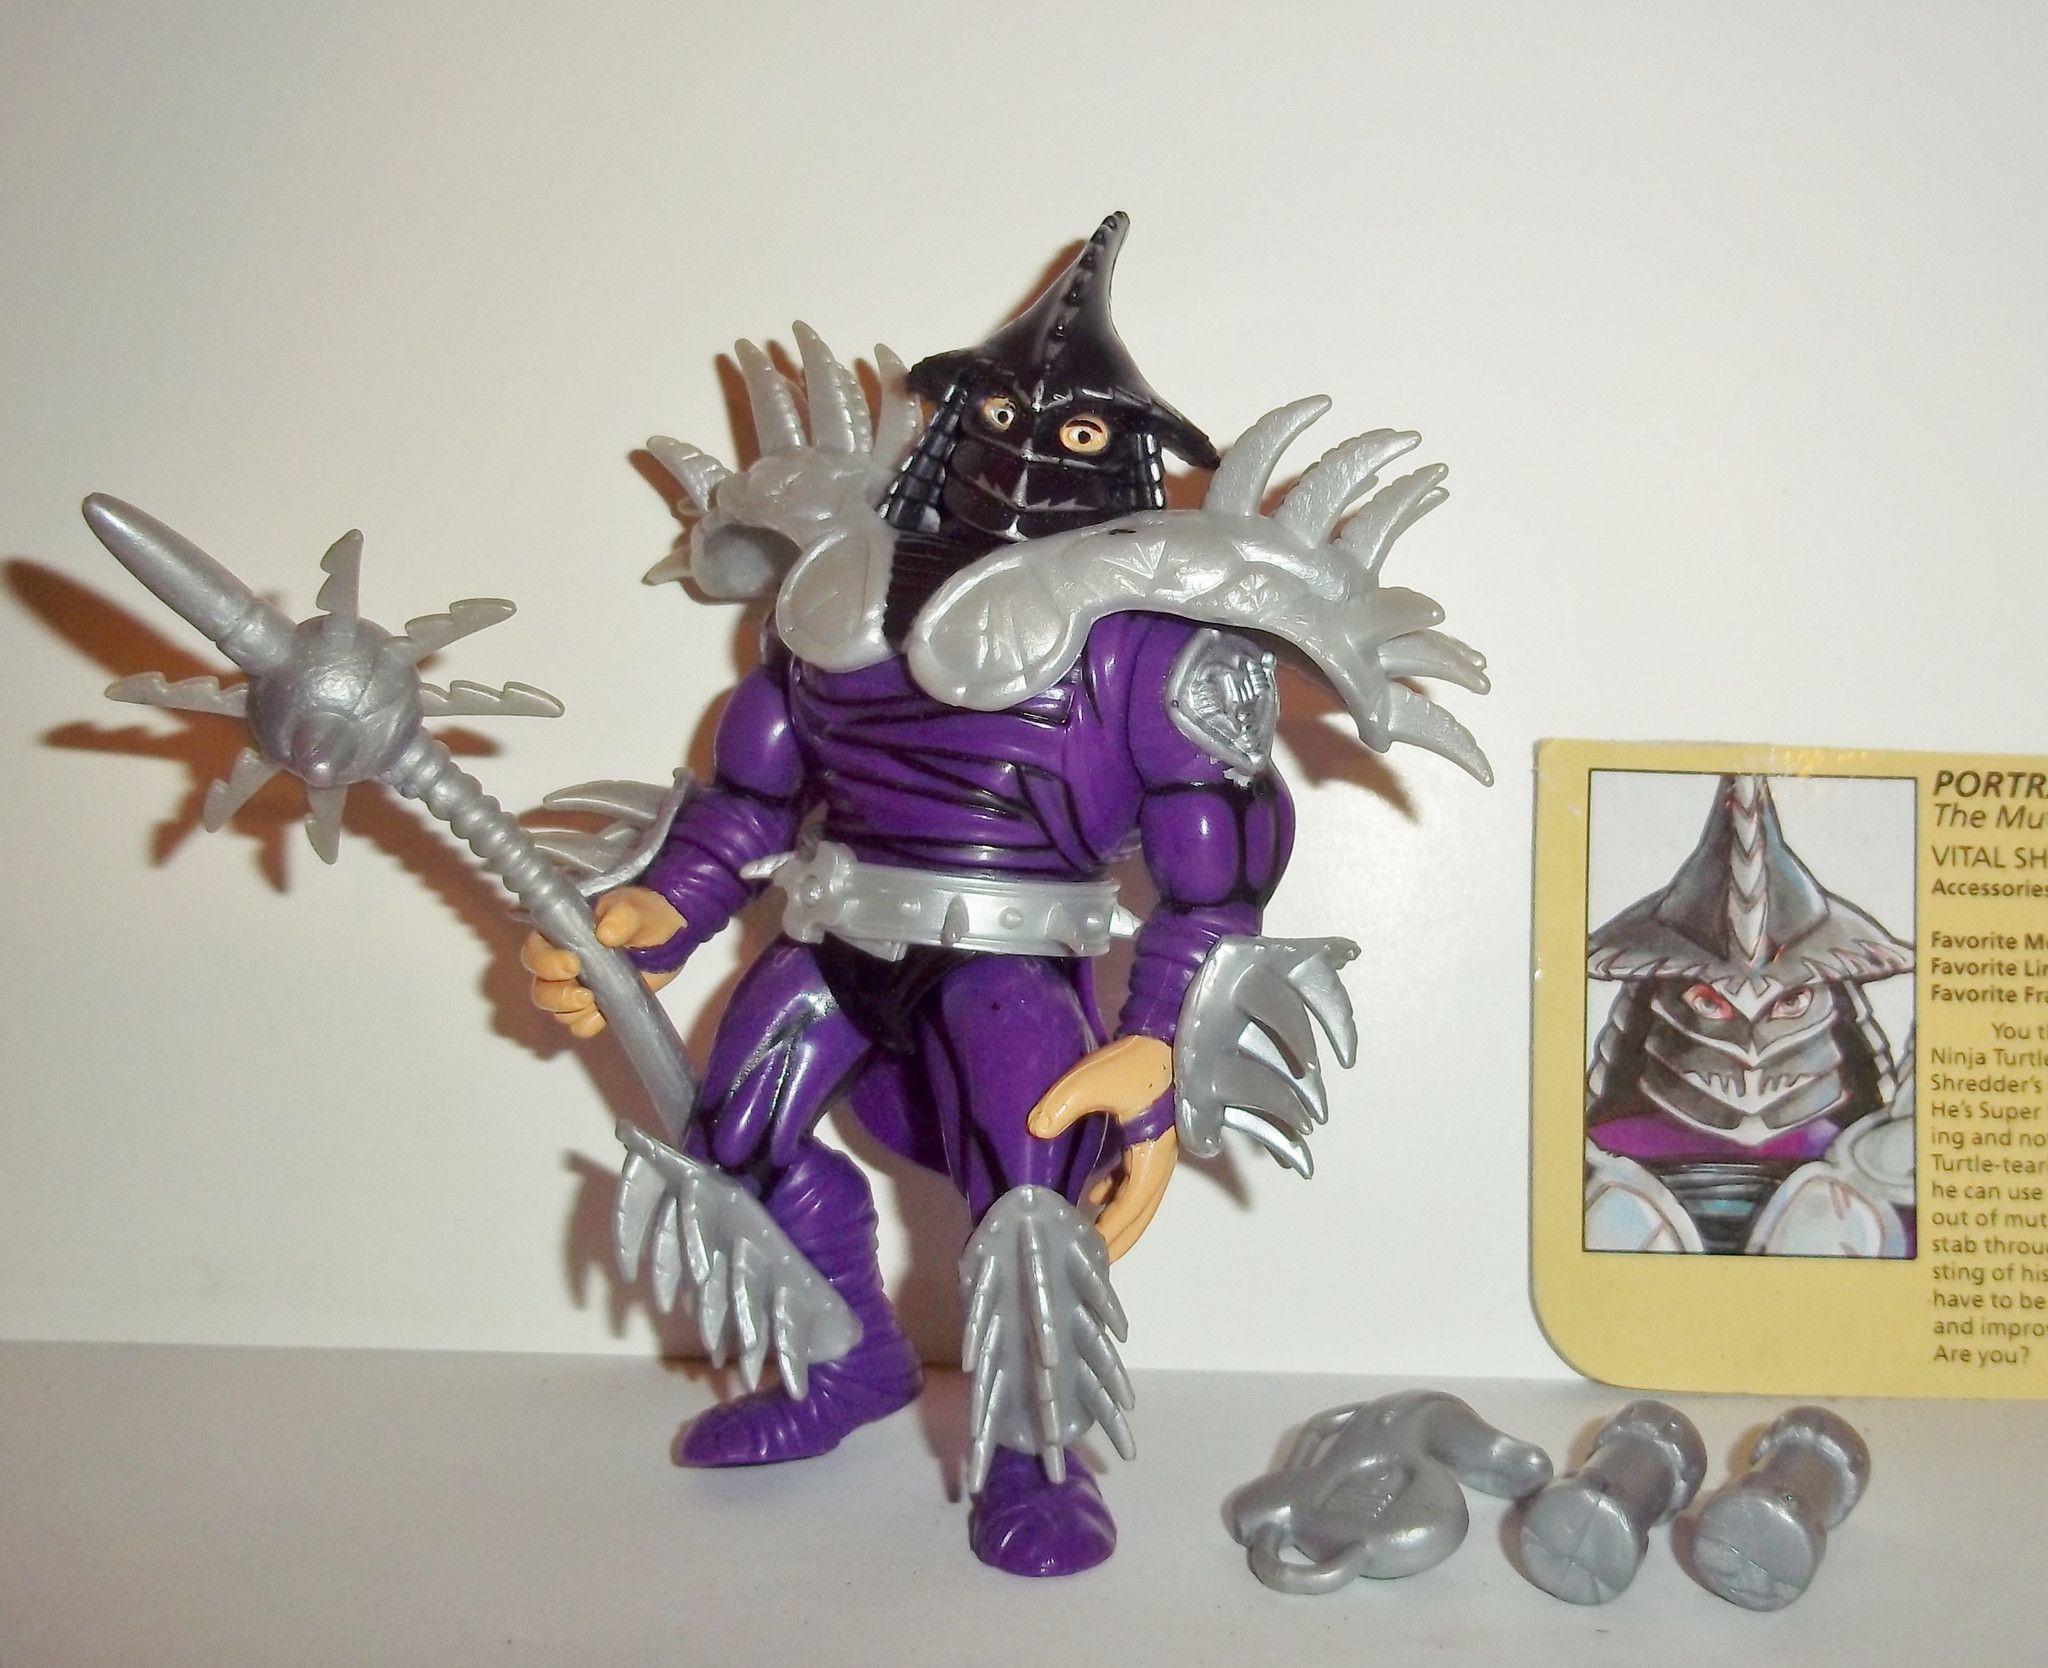 Teenage Mutant Ninja Turtles Shredder Toy : Teenage mutant ninja turtles shredder super shredder 1991 movie